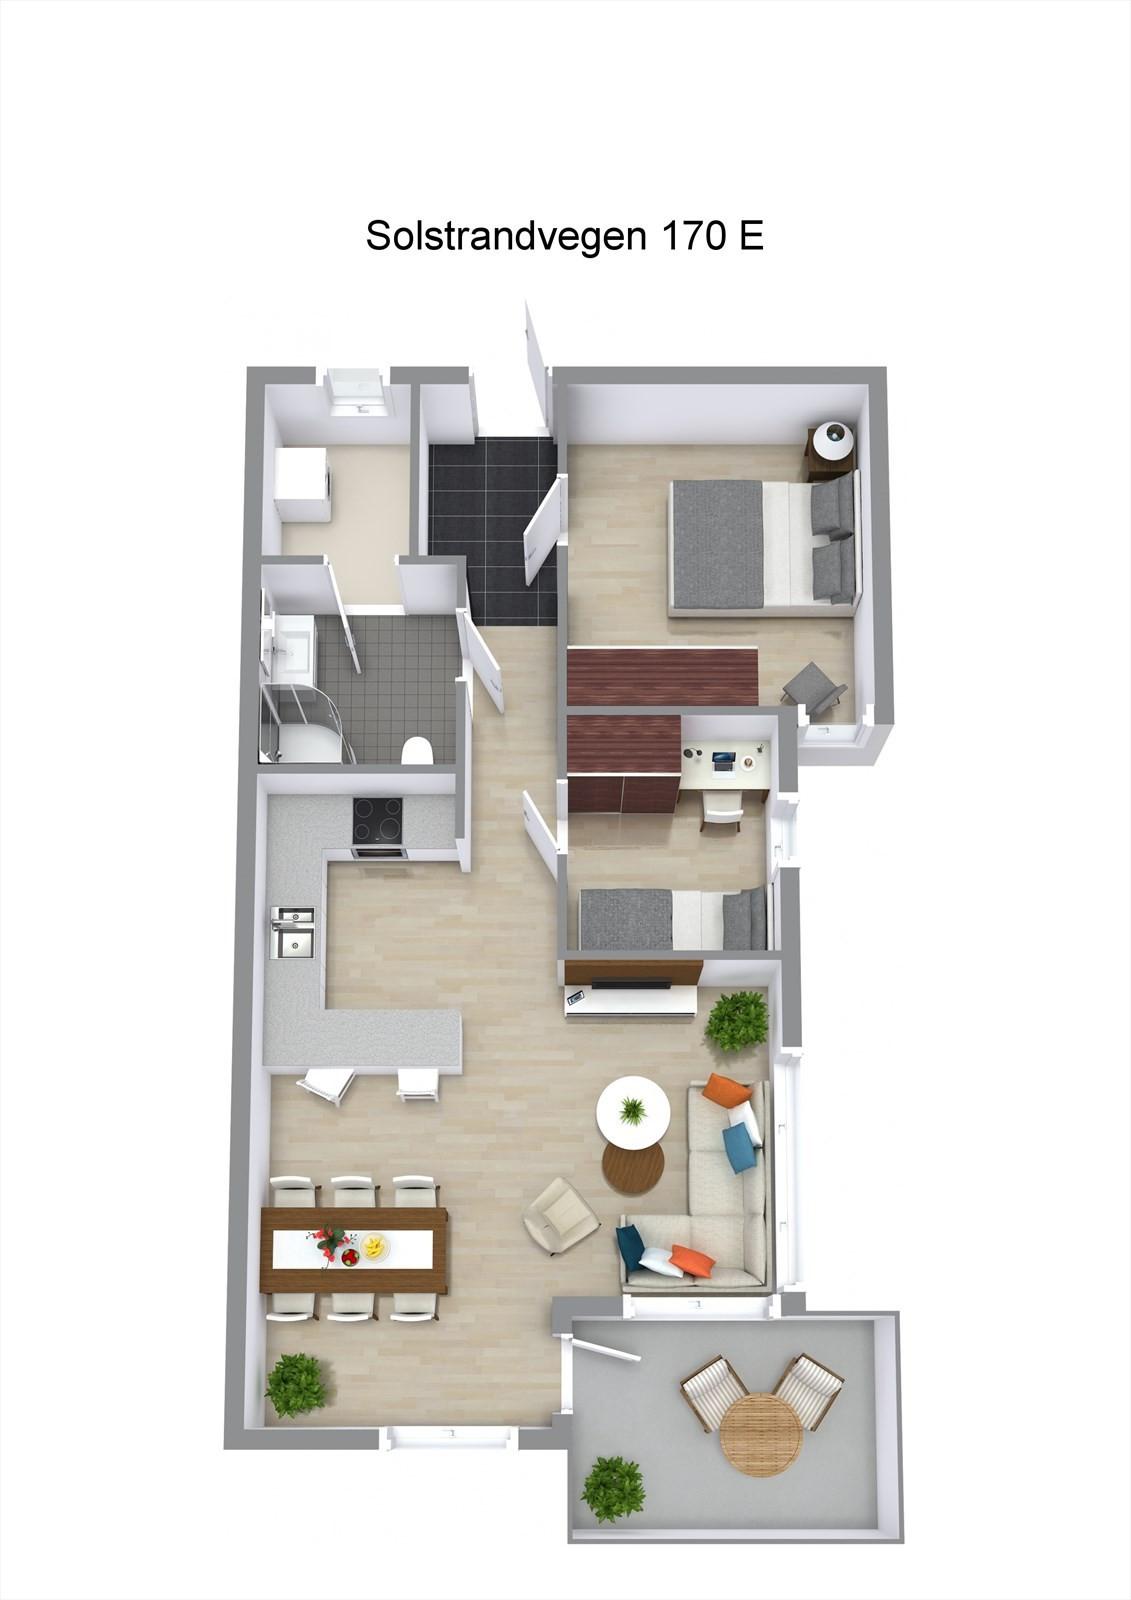 Planillustrasjon av leiligheten